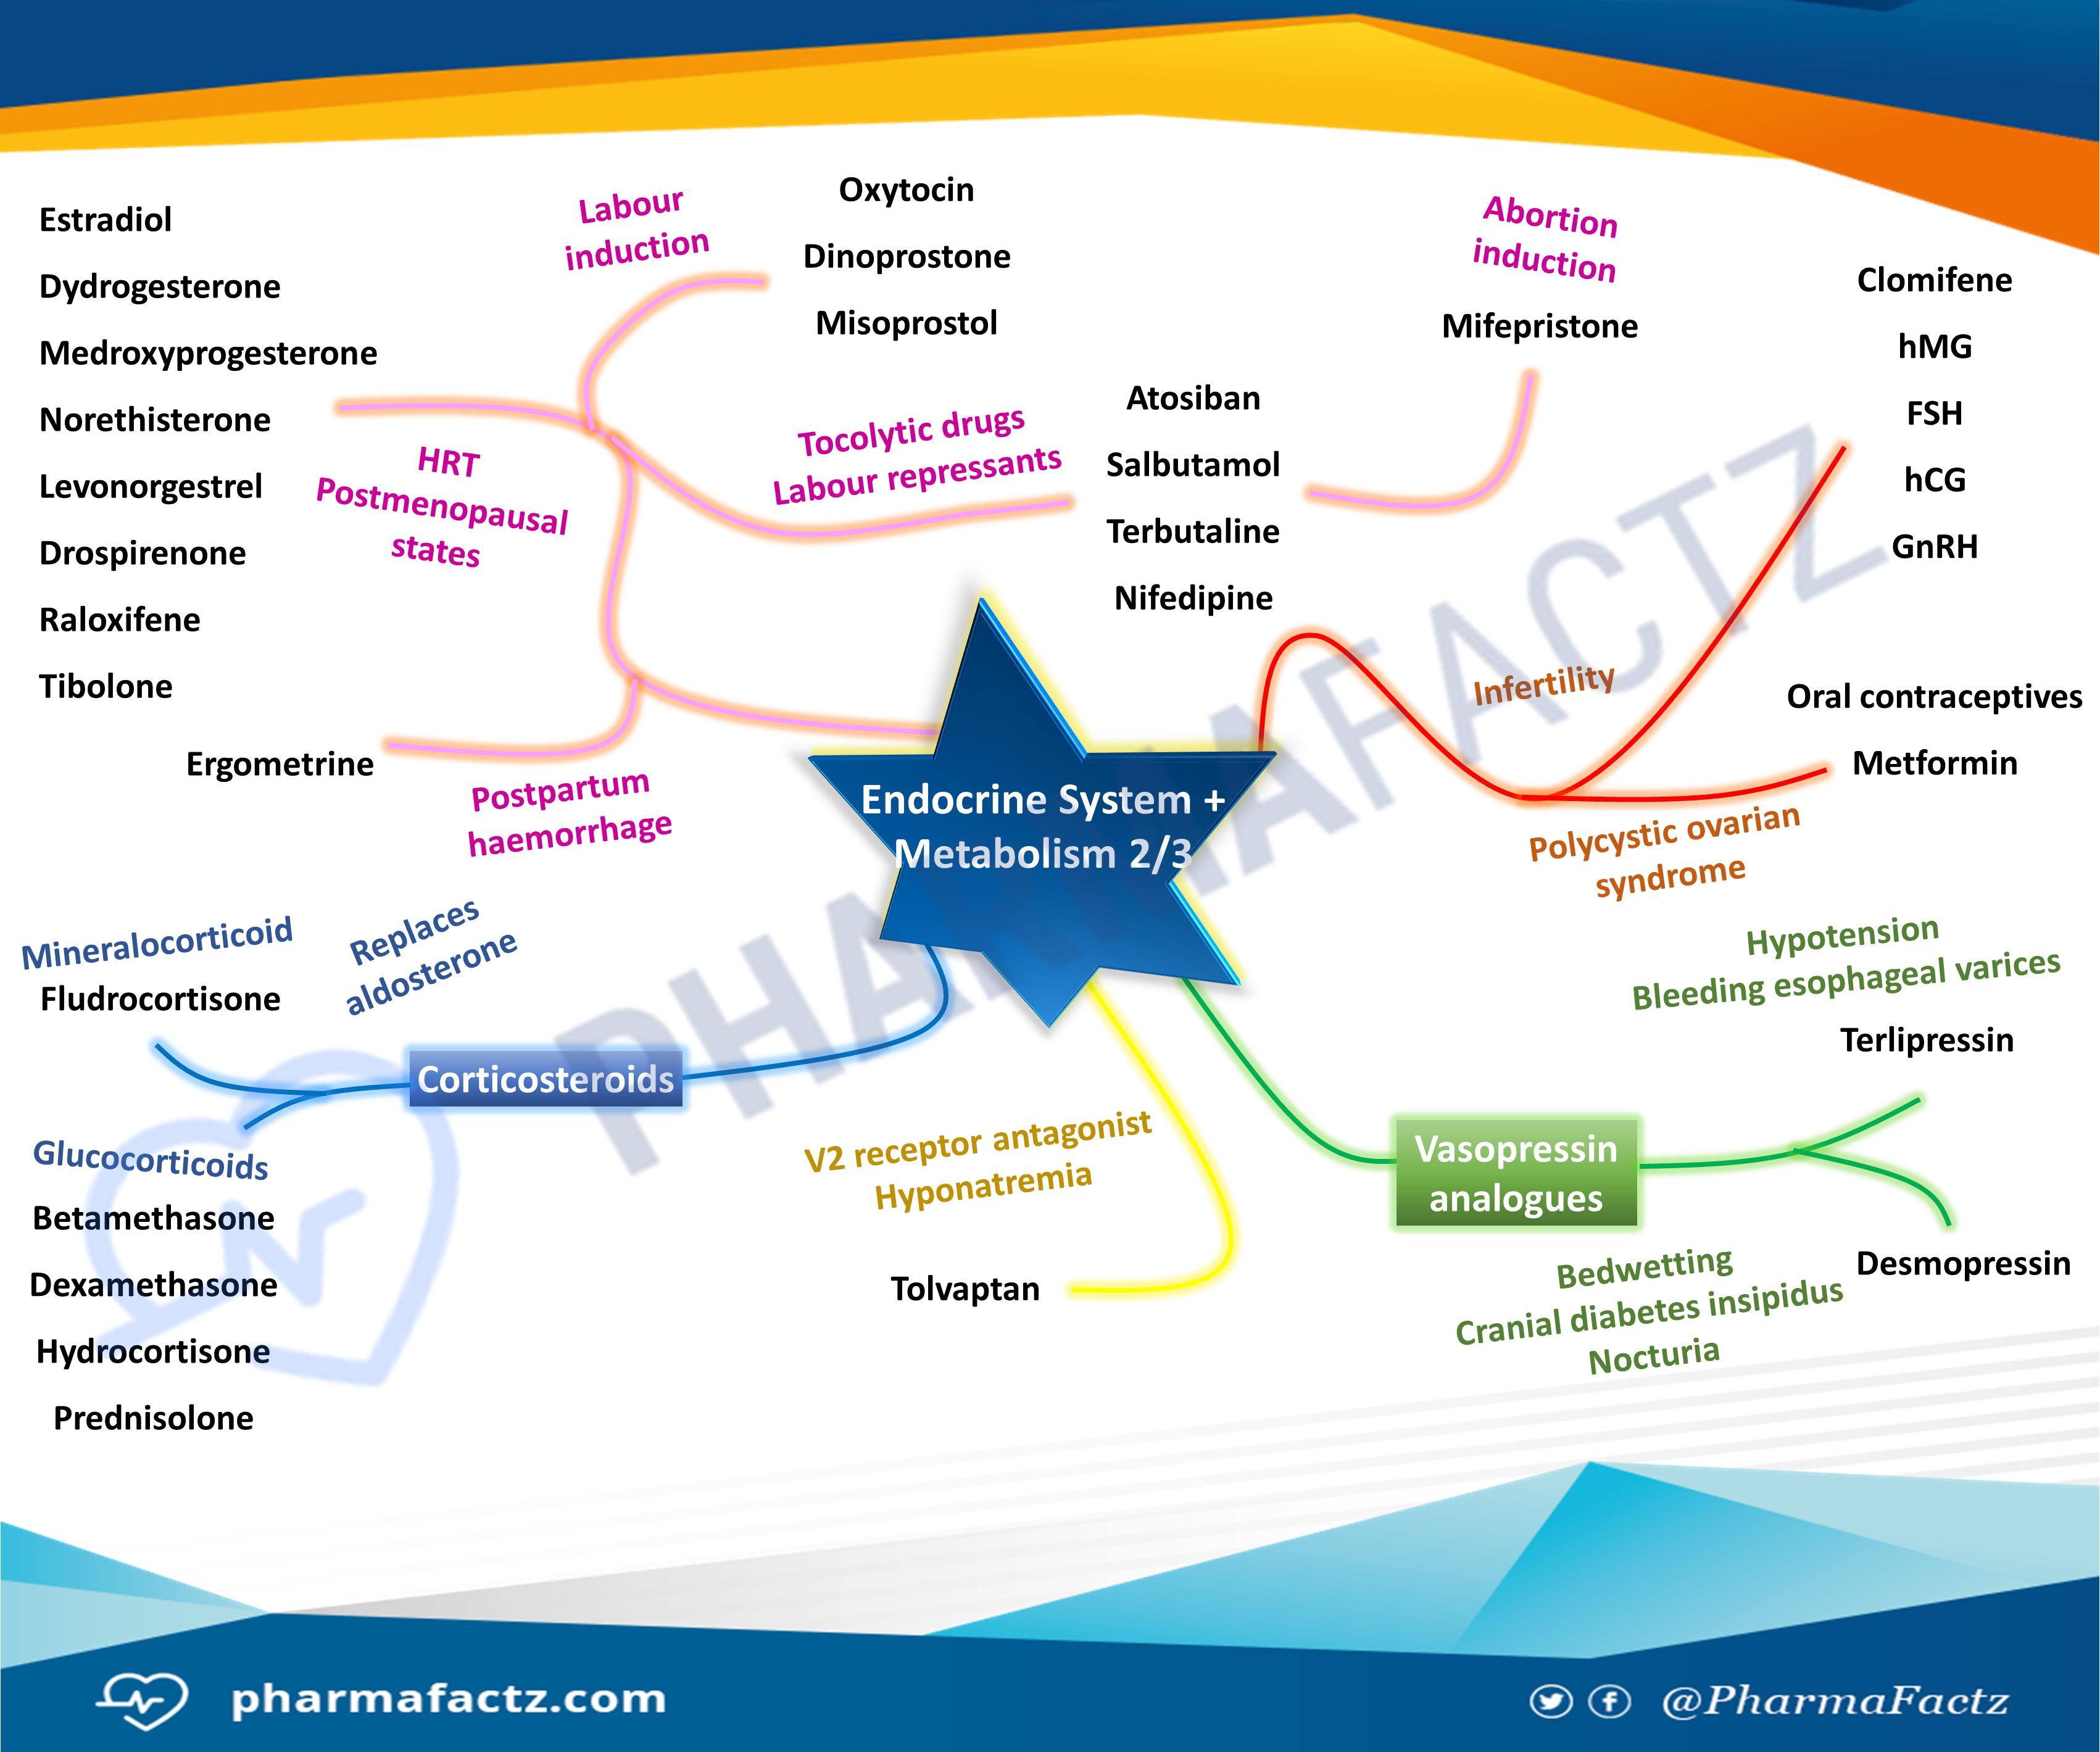 Endocrine System & Metabolism Mindmap 2